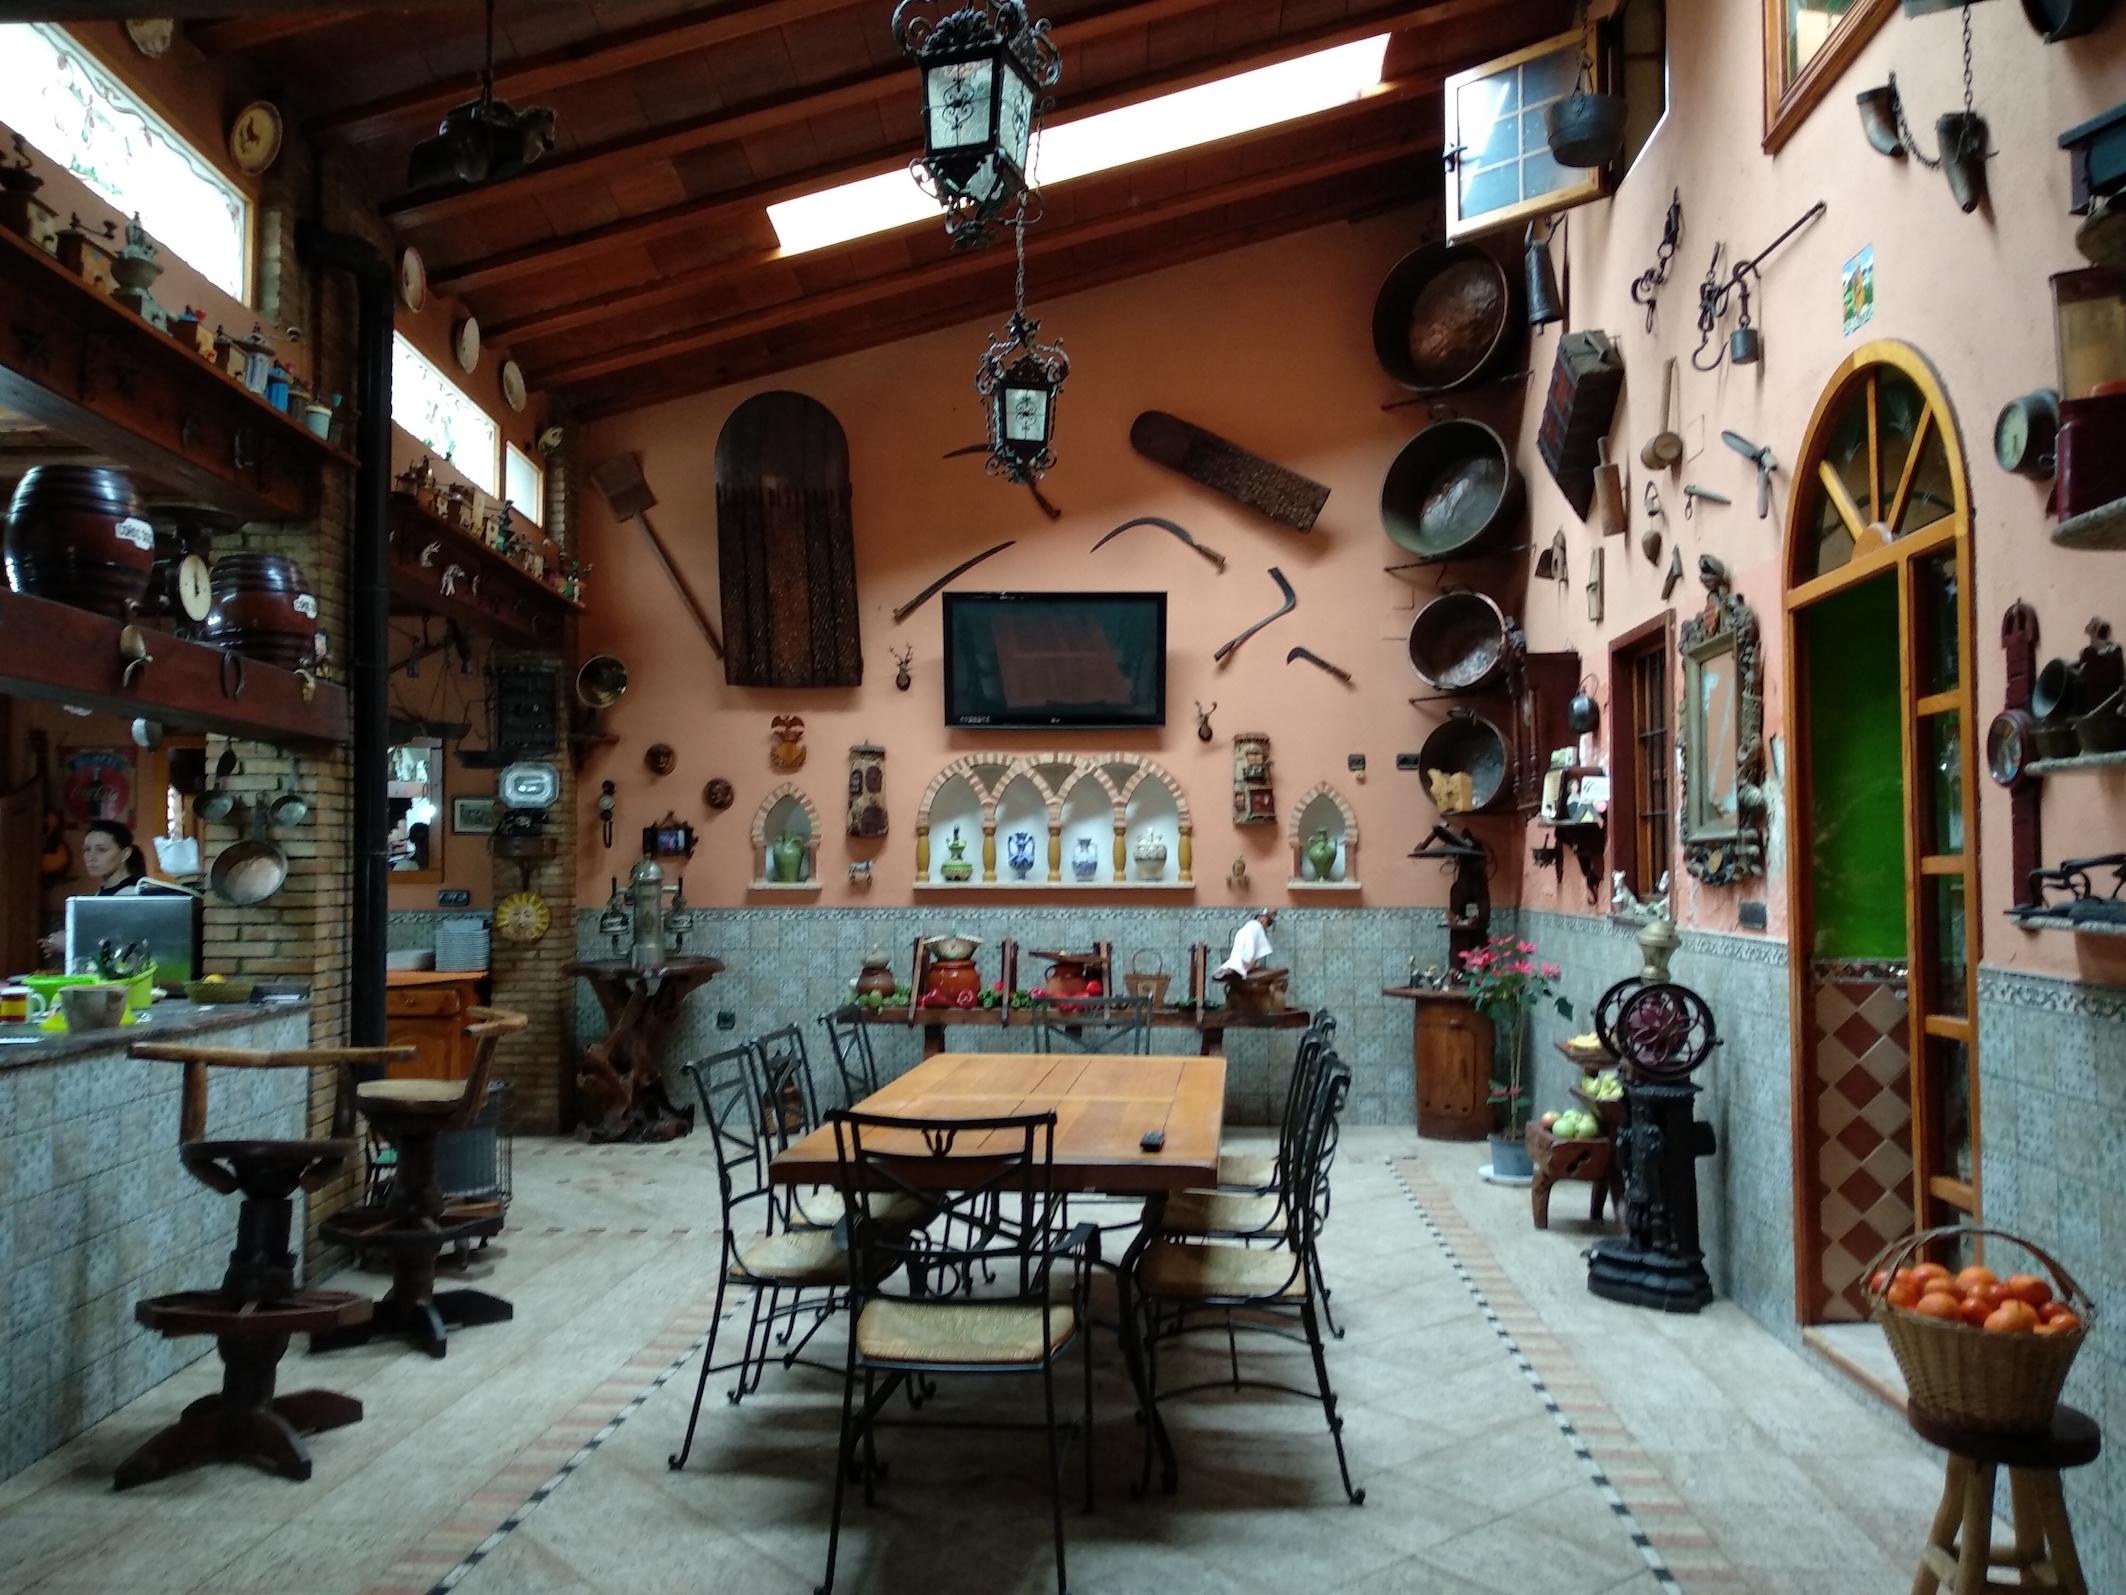 Interior de la casa por la que se accede al comedor